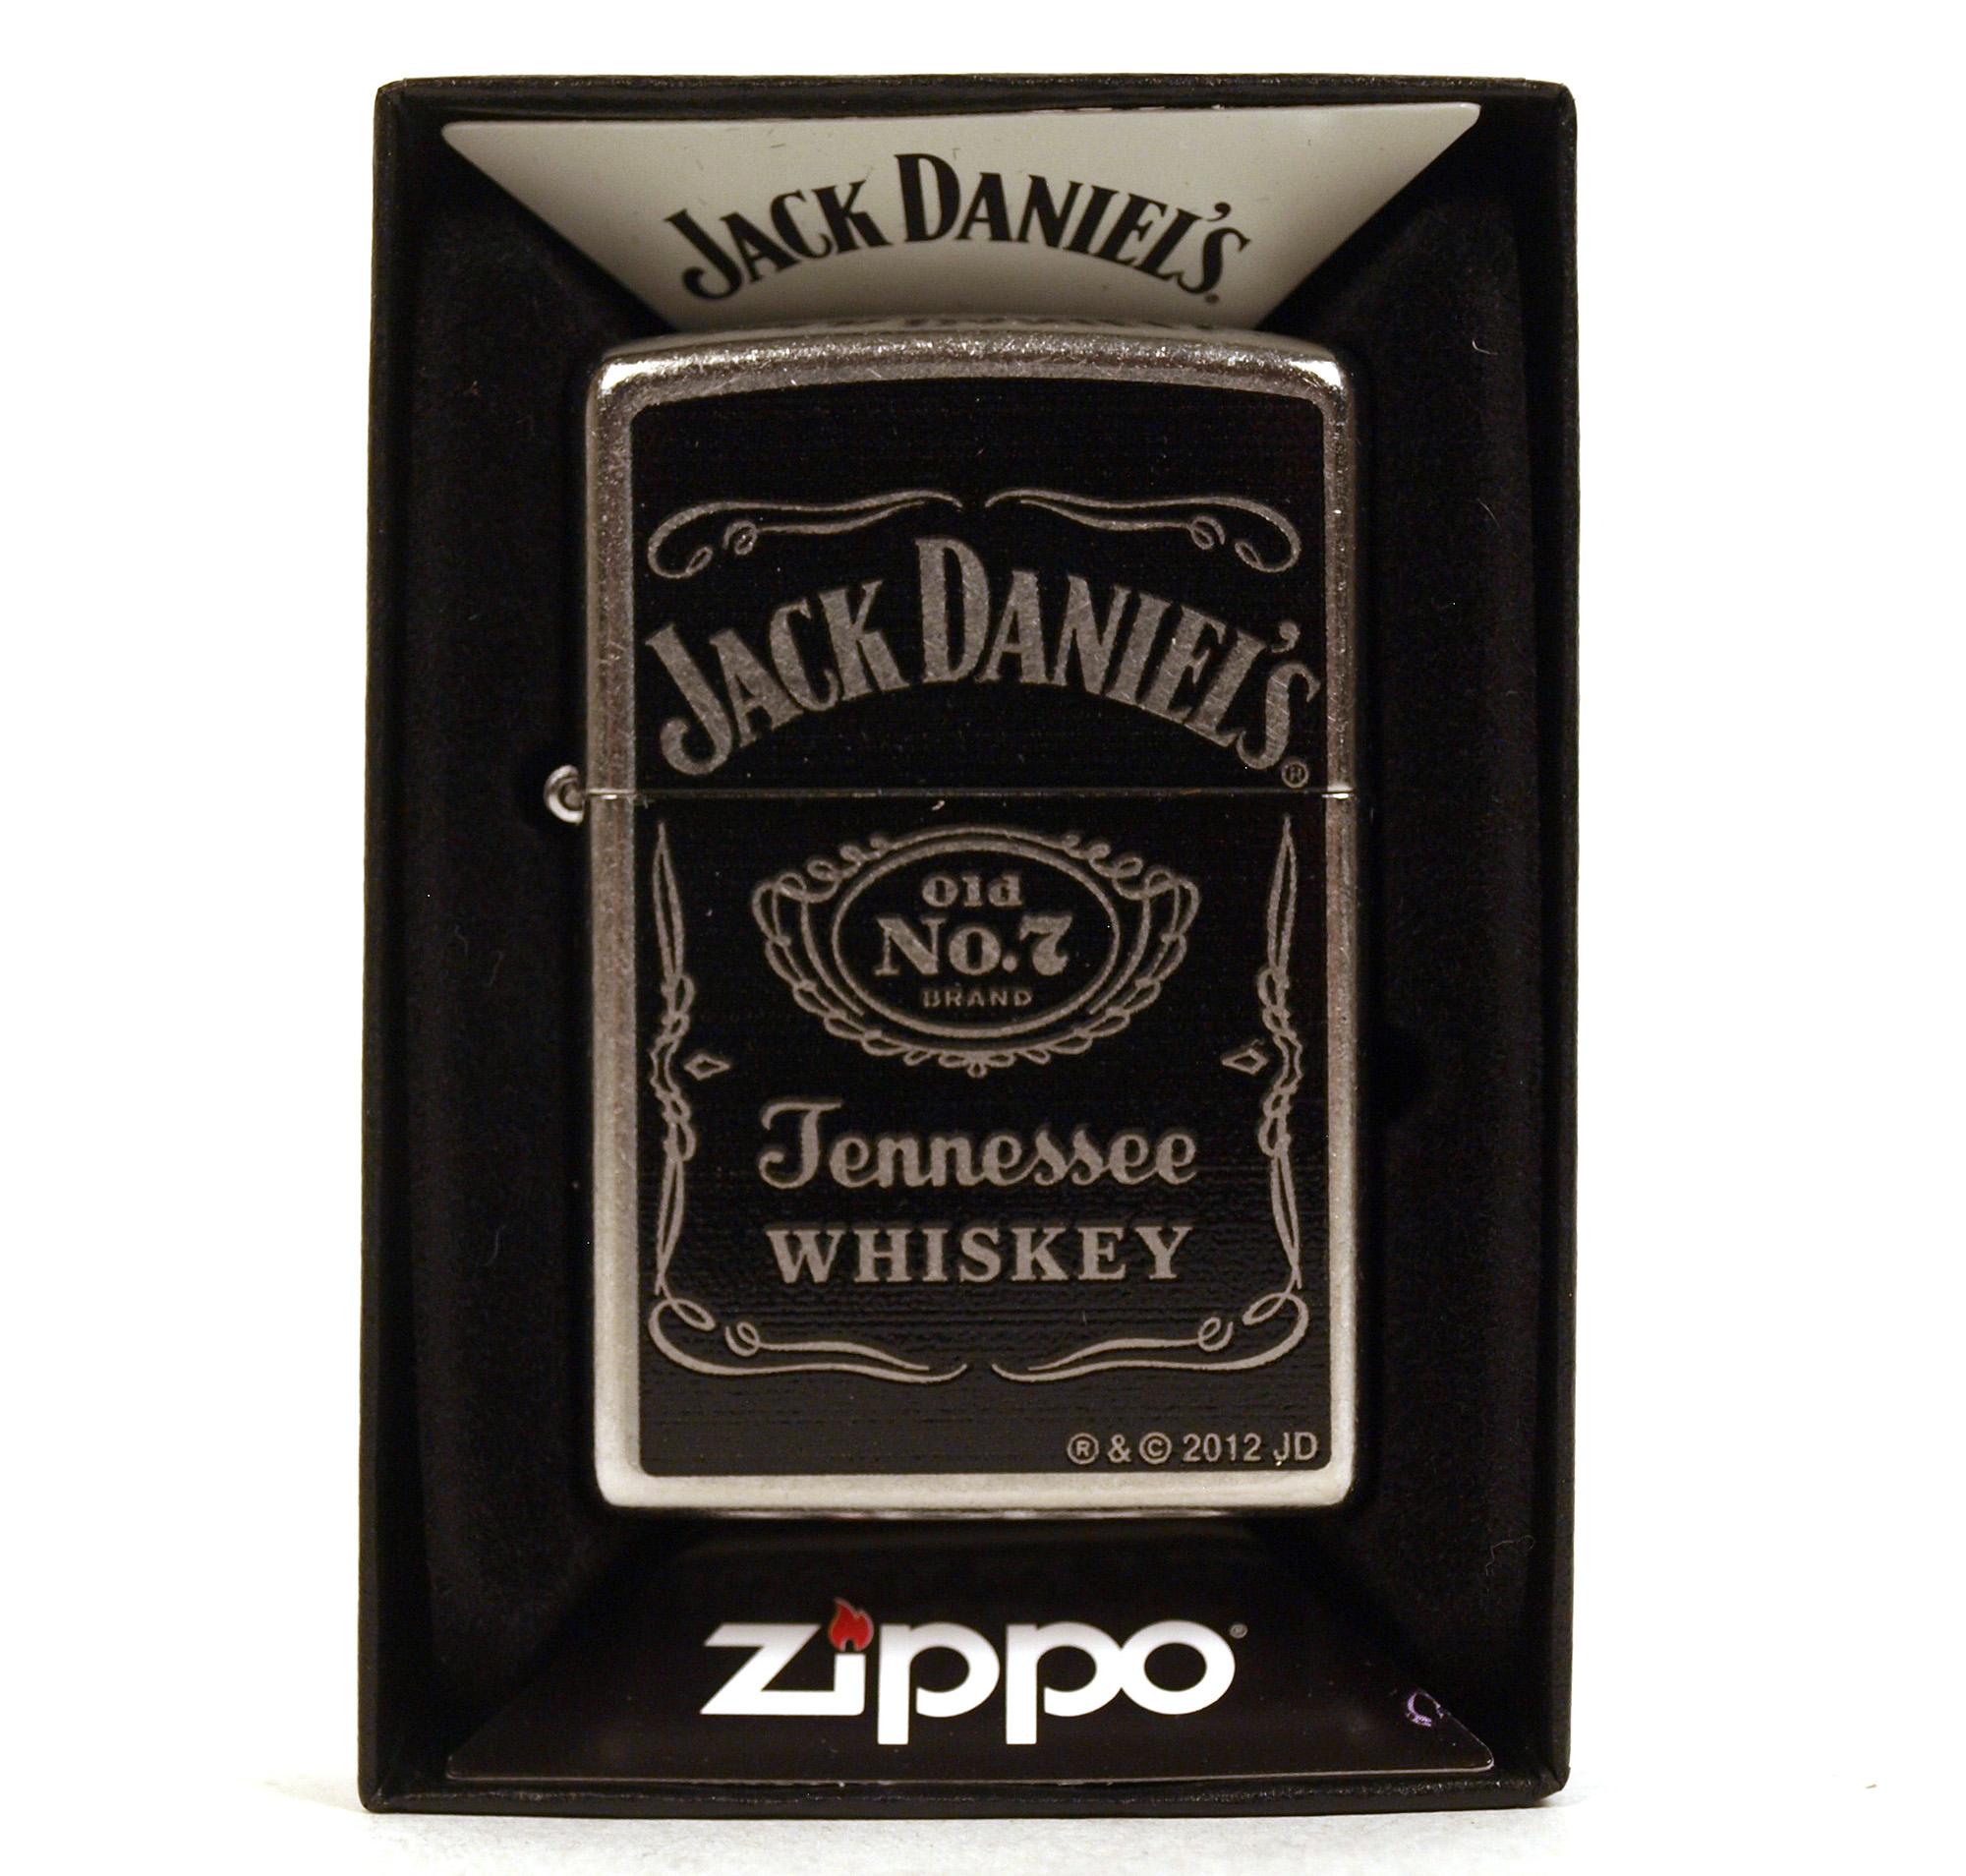 Fabulous Jack Daniels Black Label IW19 | Messianica